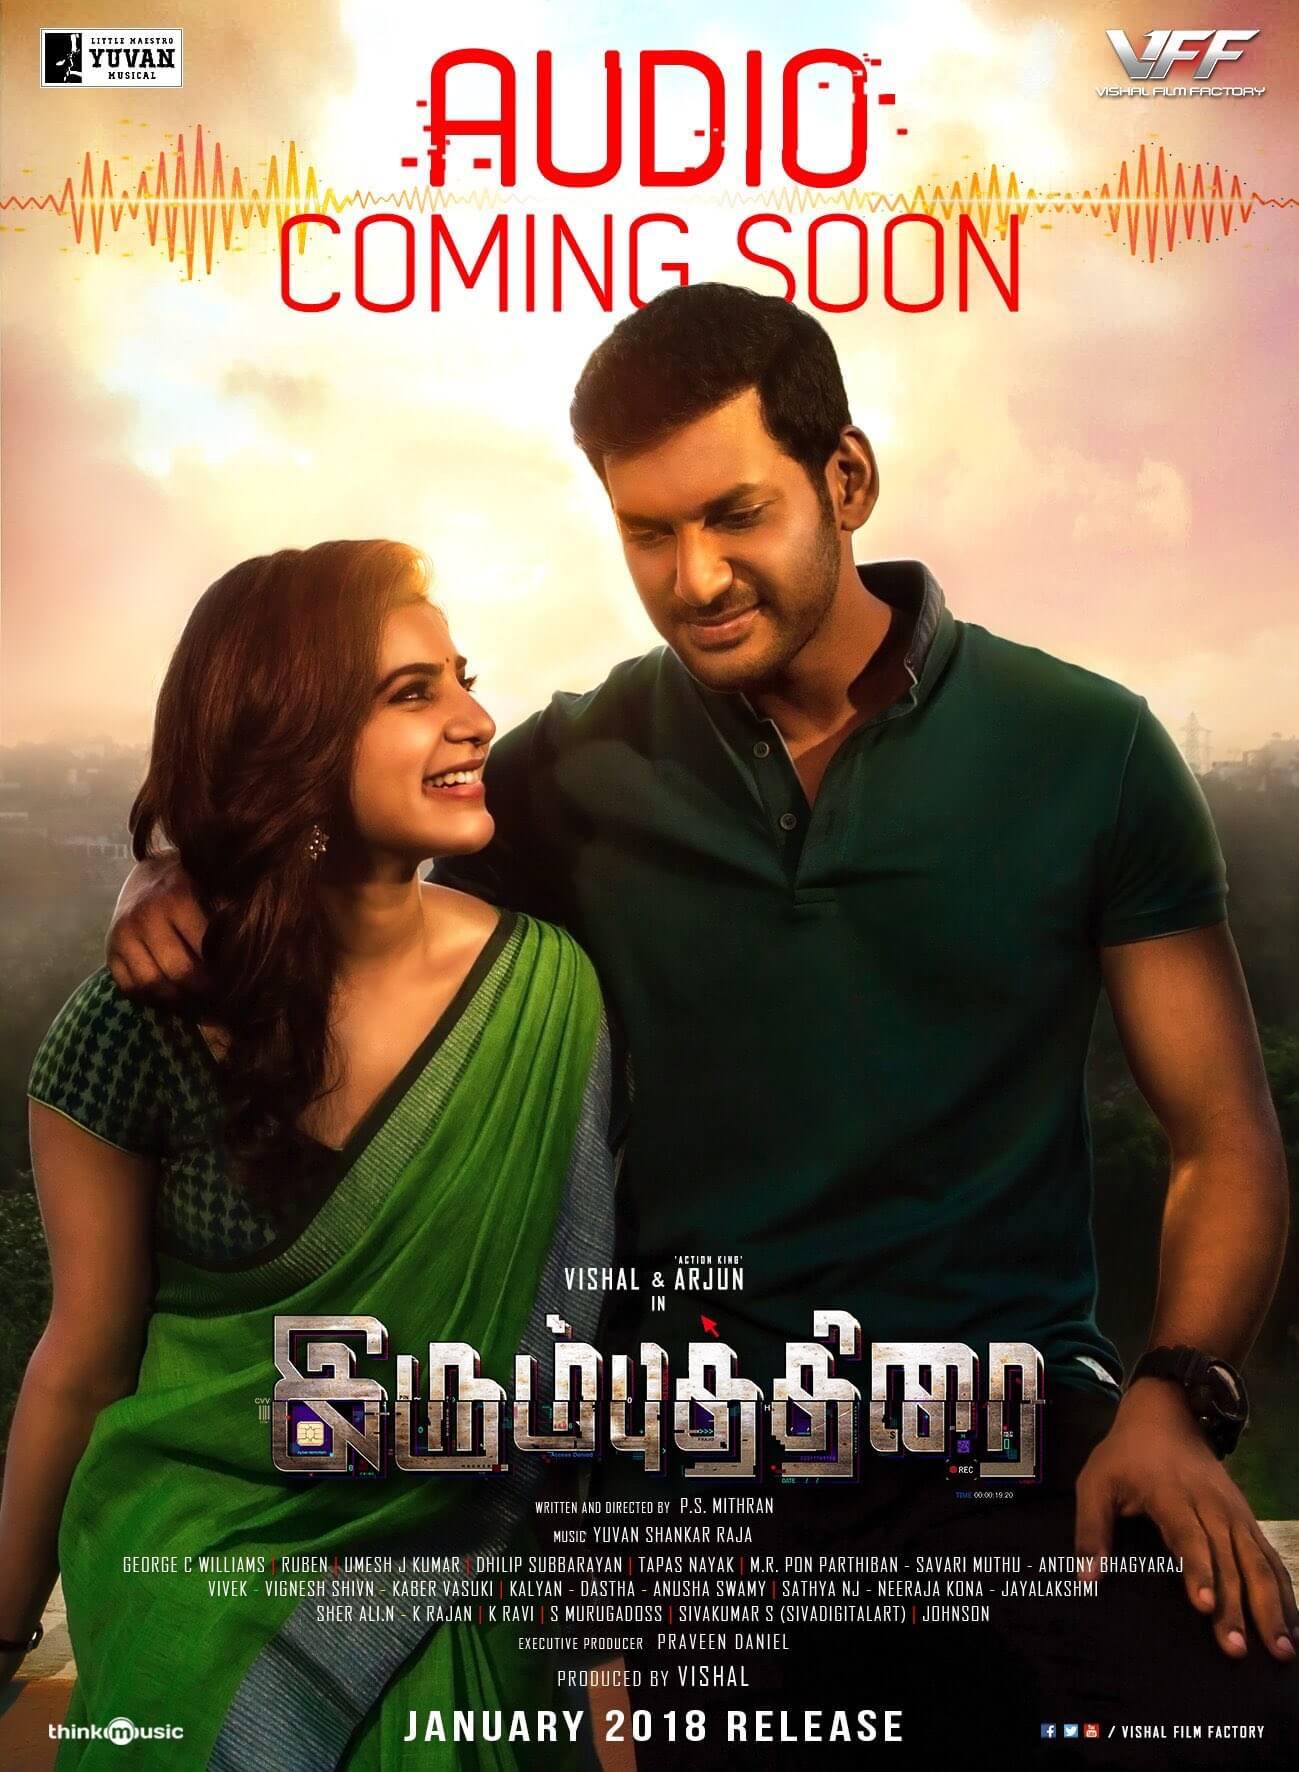 irumbu thirai movie audio coming soon